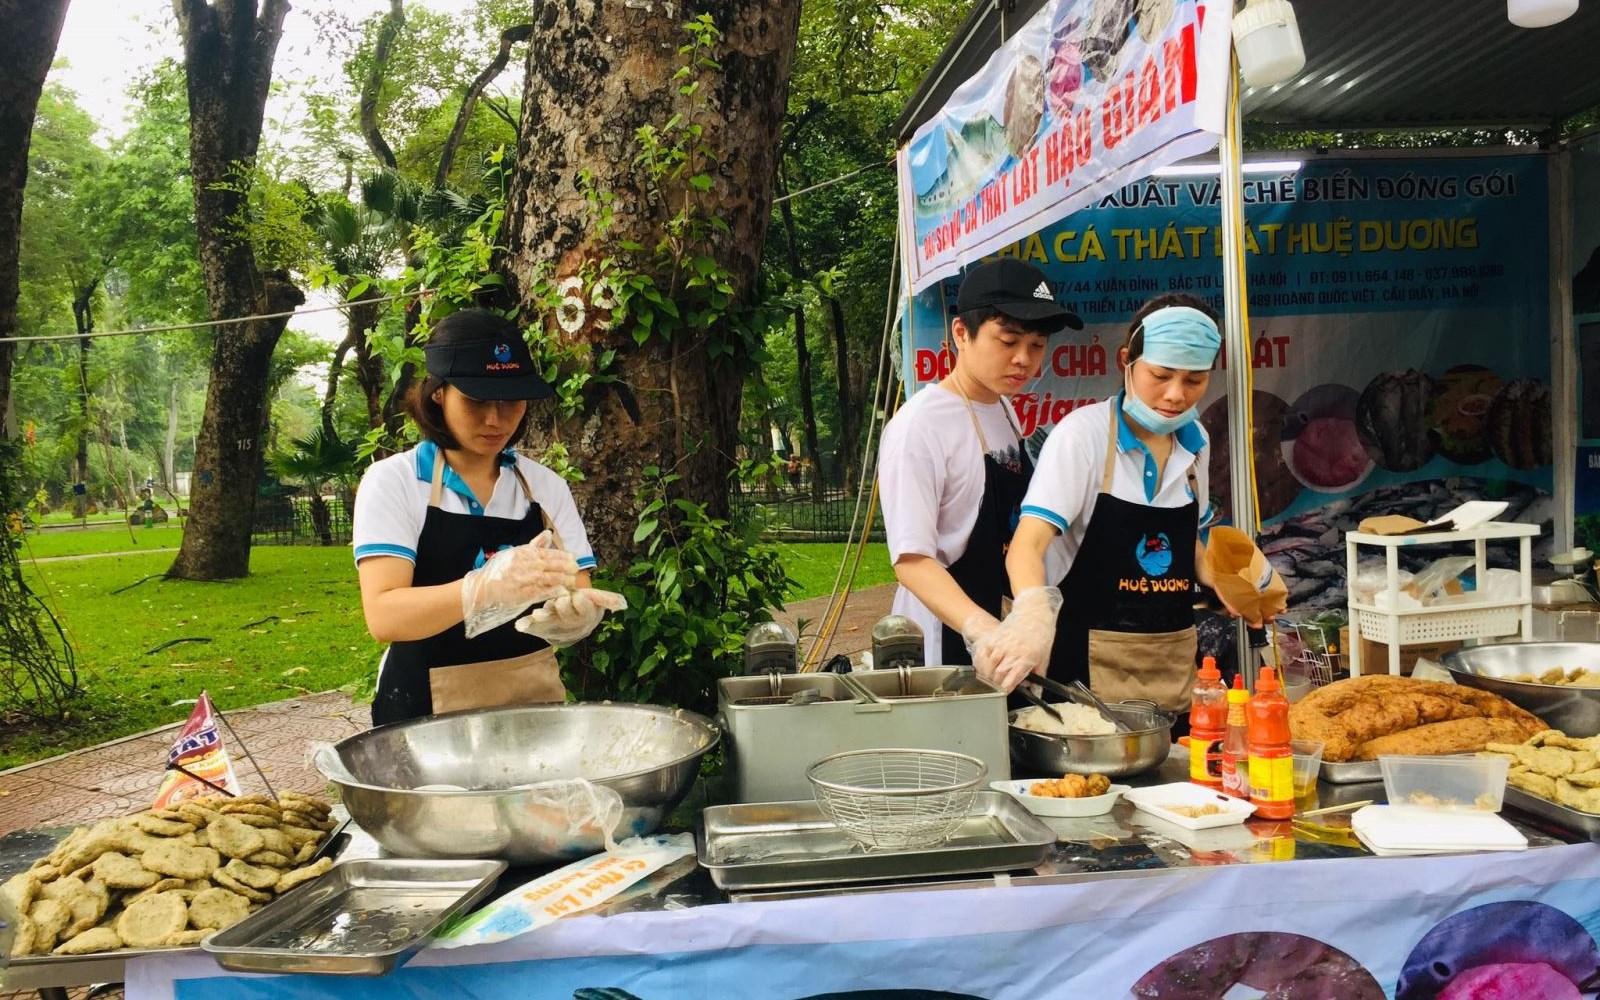 """Nhiều nhân viên các gian hàng tham gia """"Tuần hàng Việt 2021"""" tại Công viên Thống Nhất, không tuân thủ nghiêm đeo khẩu trang. Ảnh: Minh Phương/Báo Tin tức"""